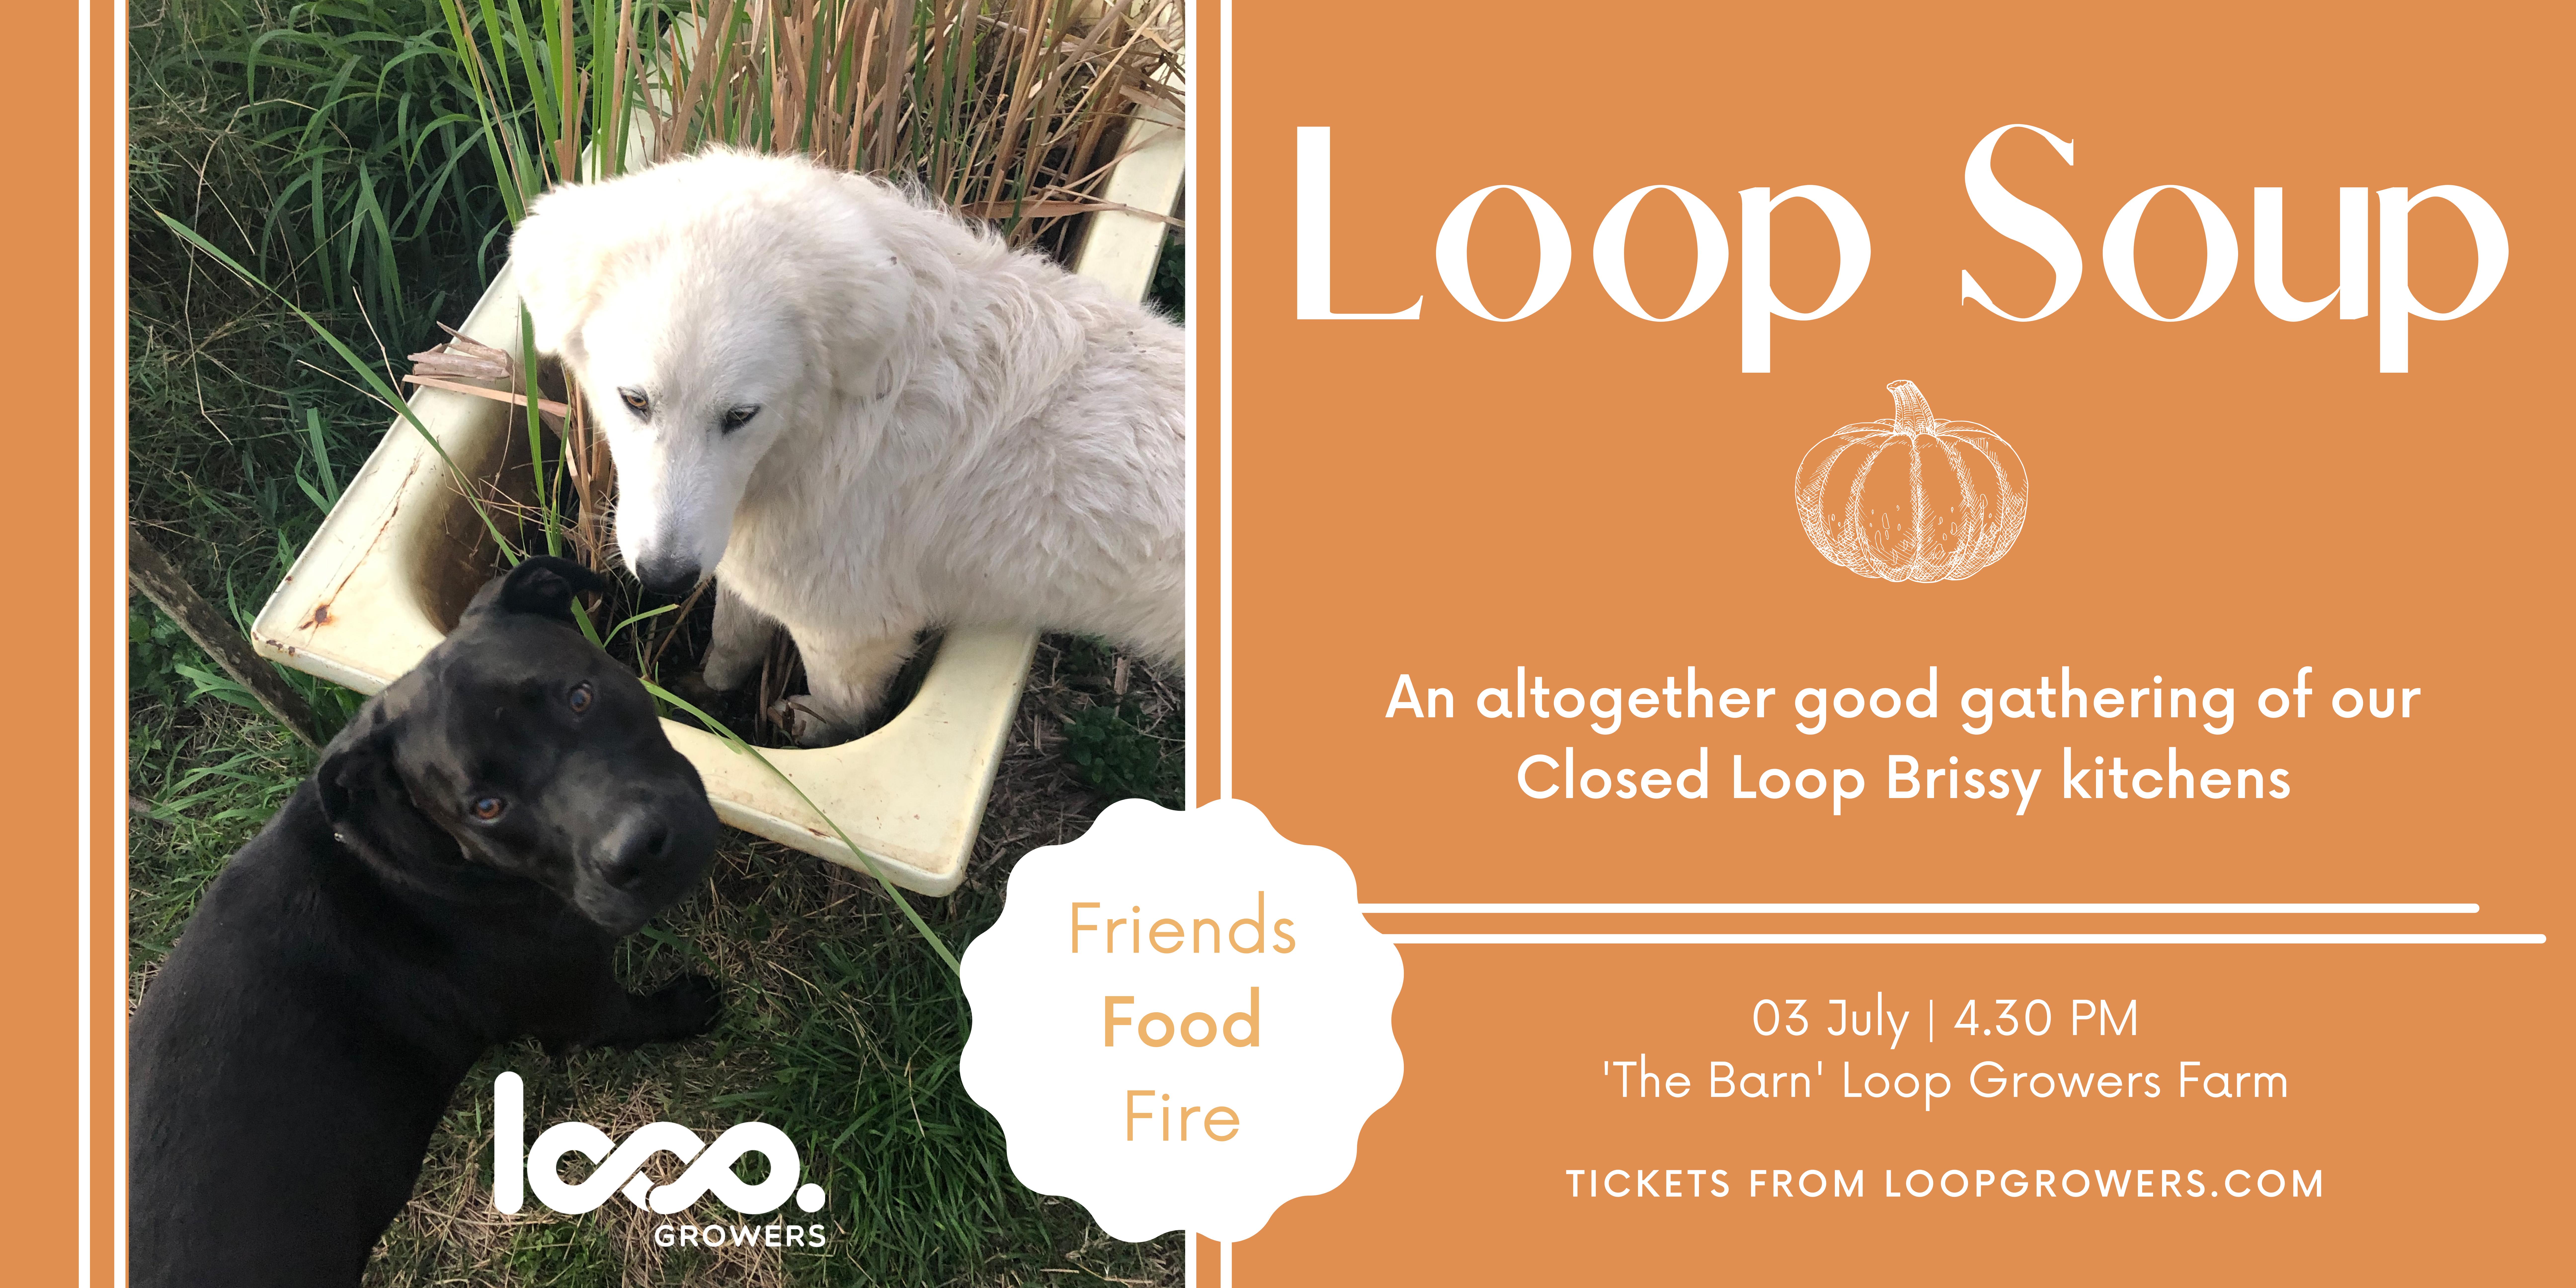 Loop Soup